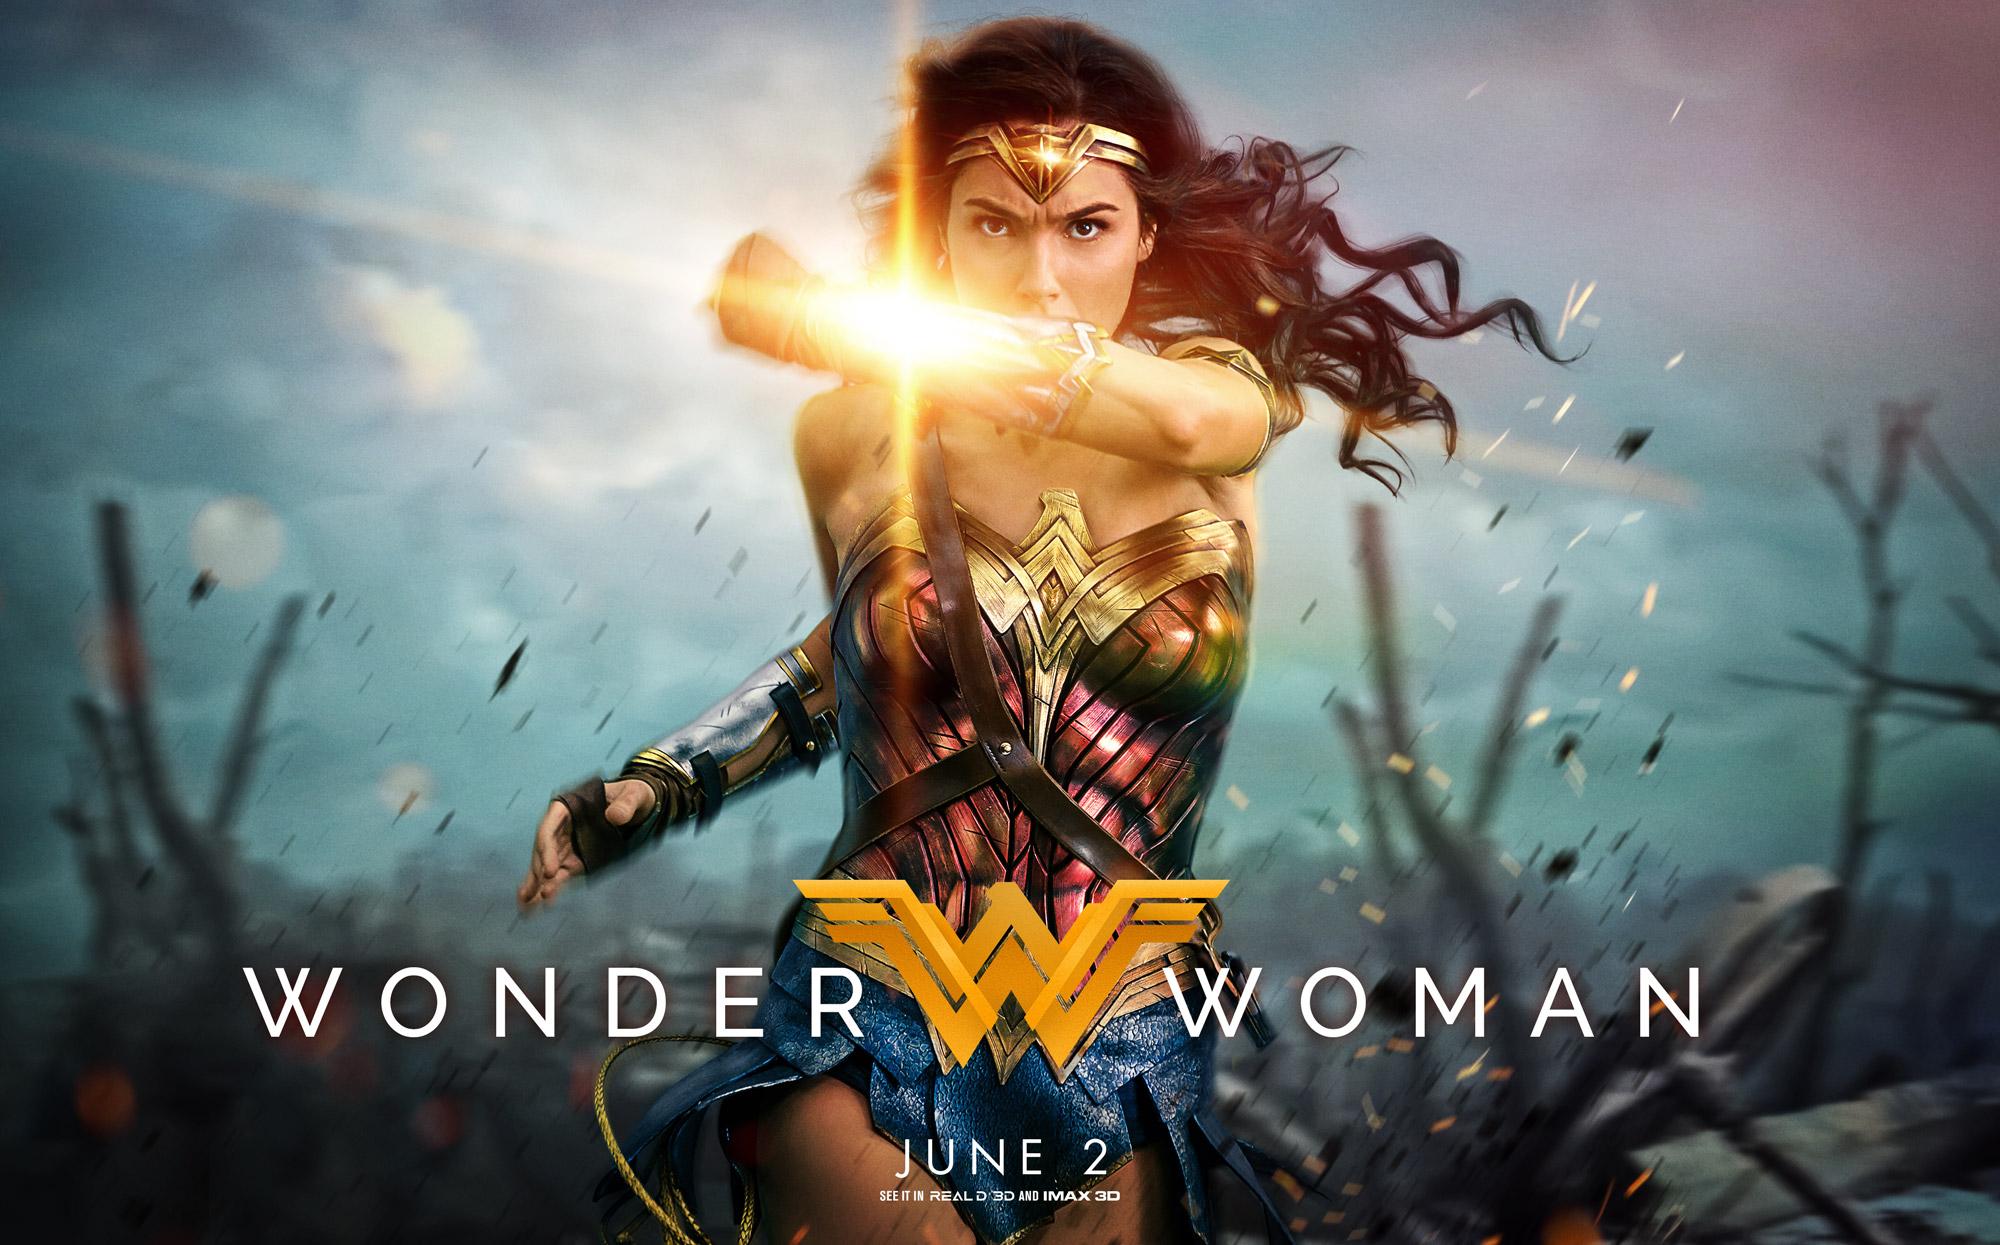 Wonder Woman: A Fancast Review